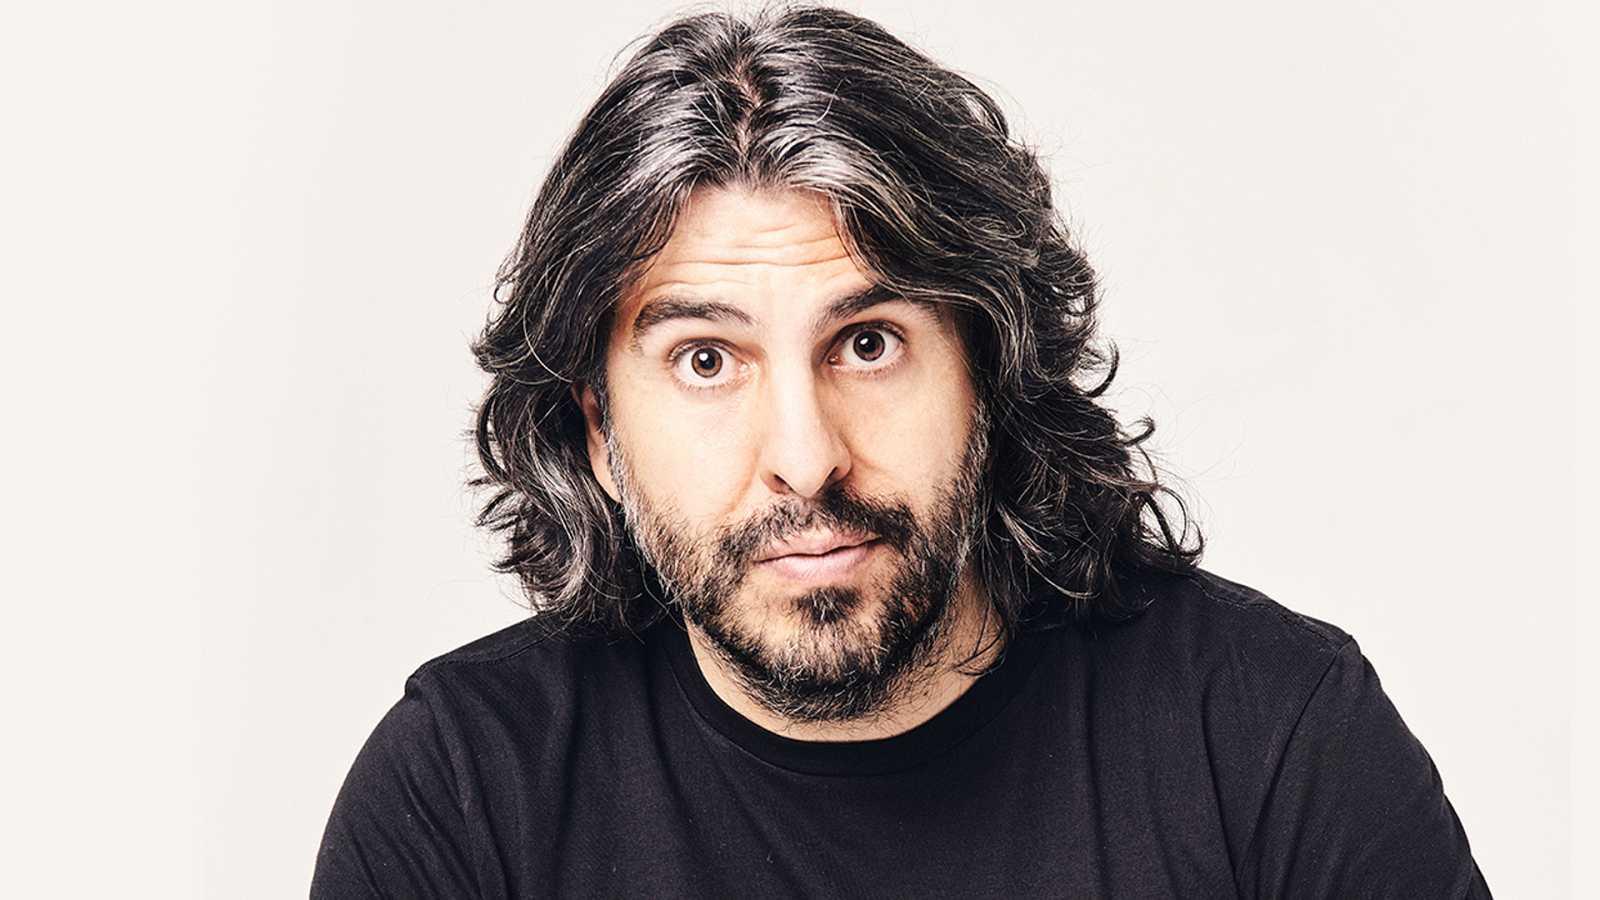 20 entrevistas de humor y una más, desesperada - J. J. Vaquero - Escuchar ahora